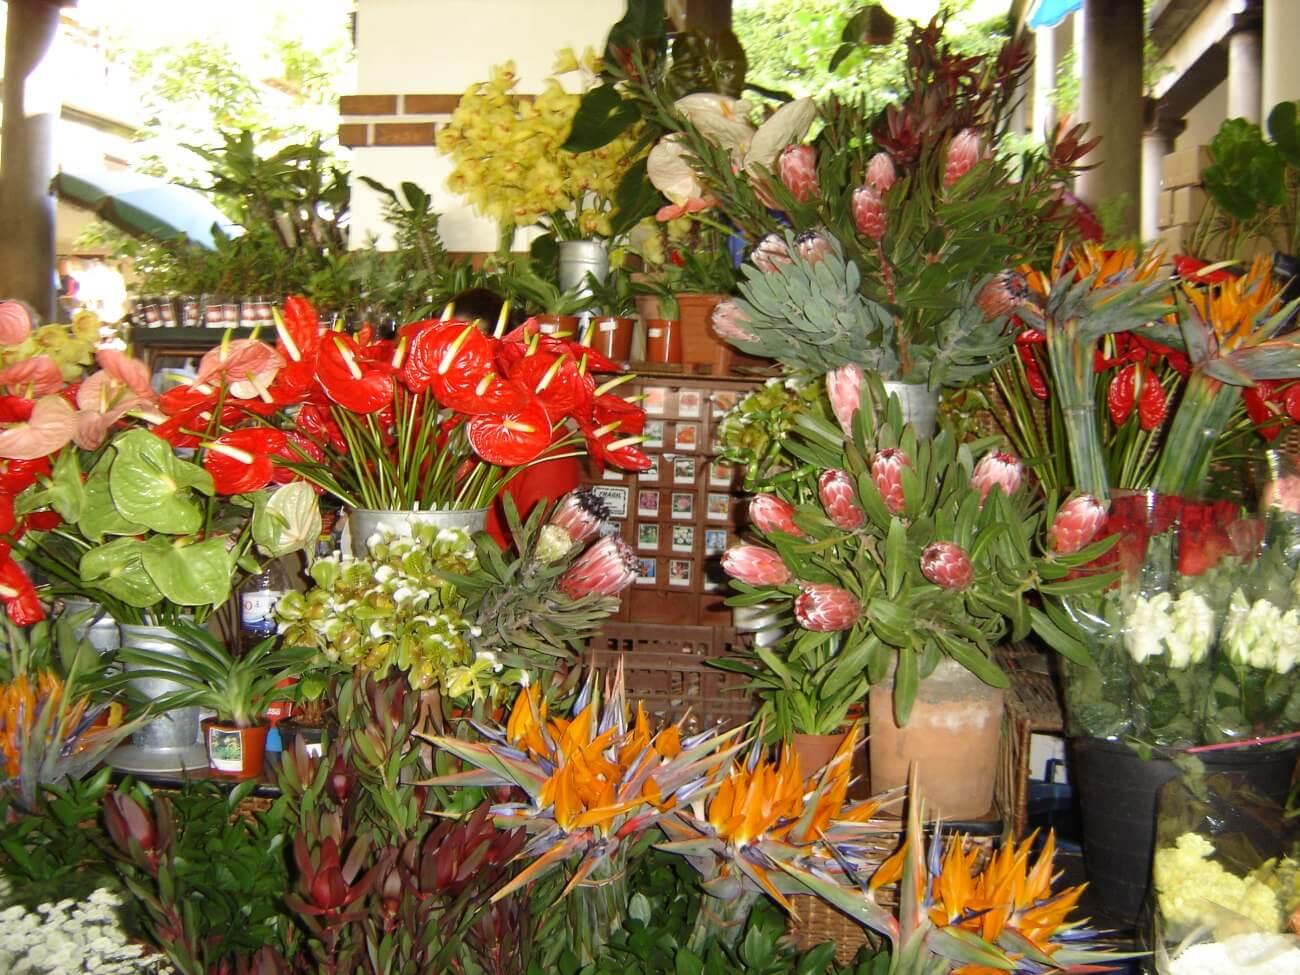 Mercado dos Lavradores Ilha da Madeira - Flores da Madeira